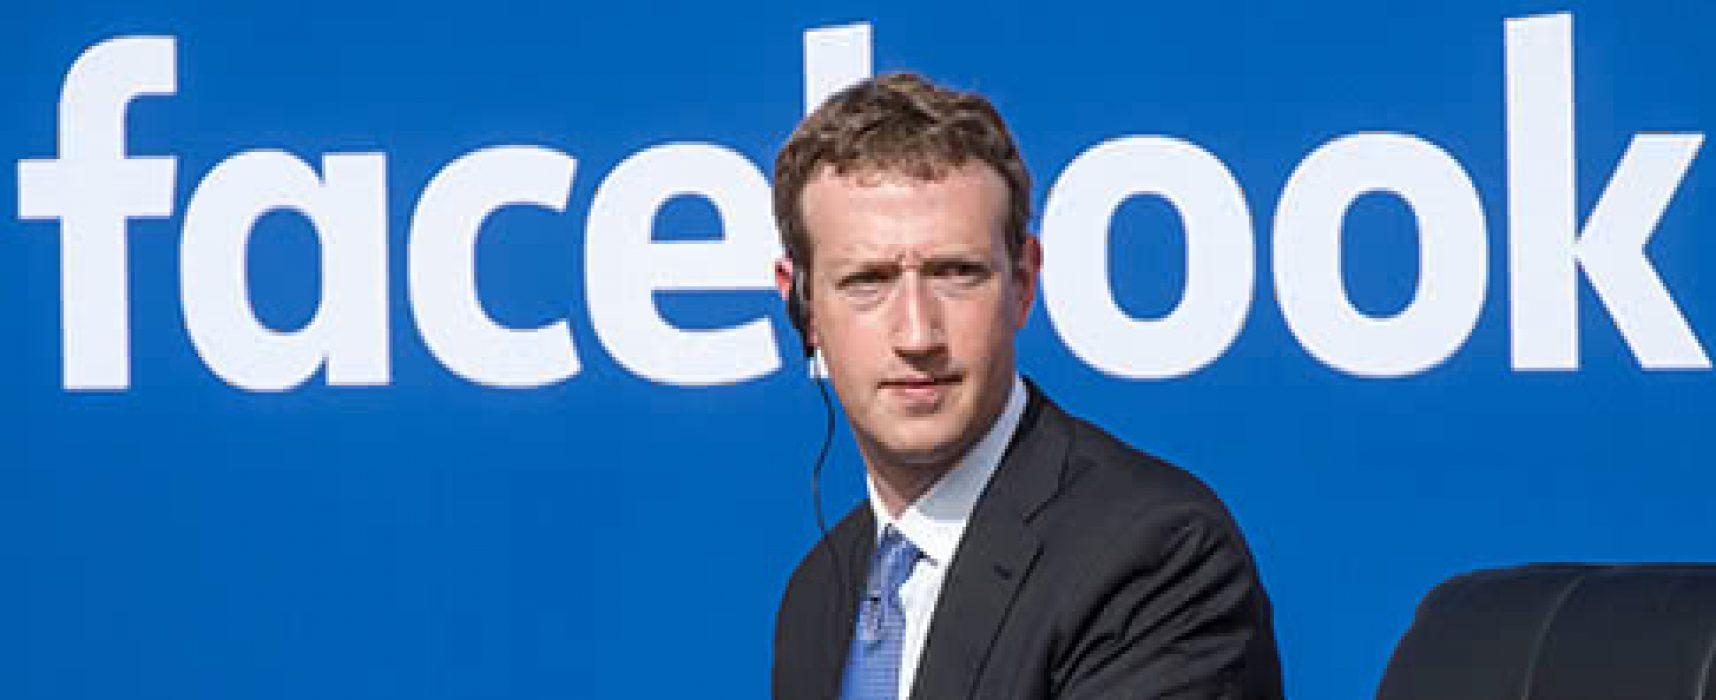 Facebook удалил более 270 страниц «фабрики троллей», которые действовали и в Украине